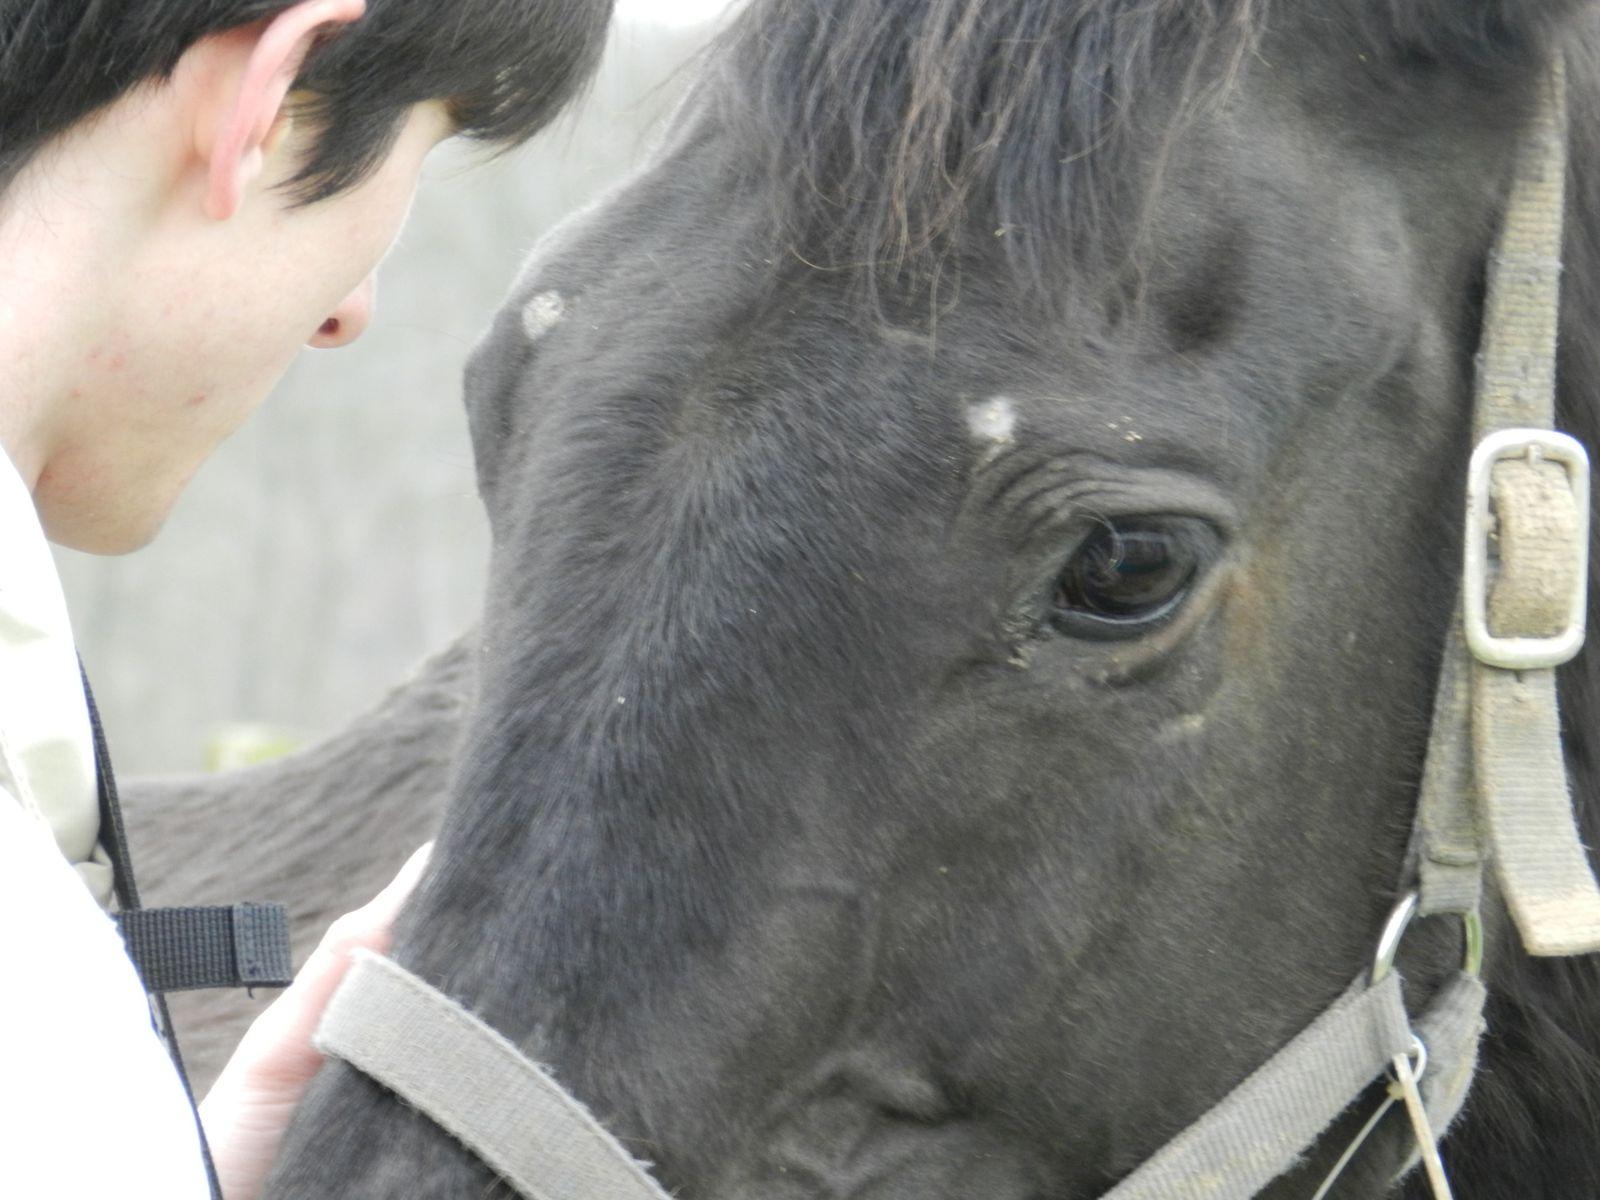 Echange de regards avec un cheval - copyright : techniques d'élevage